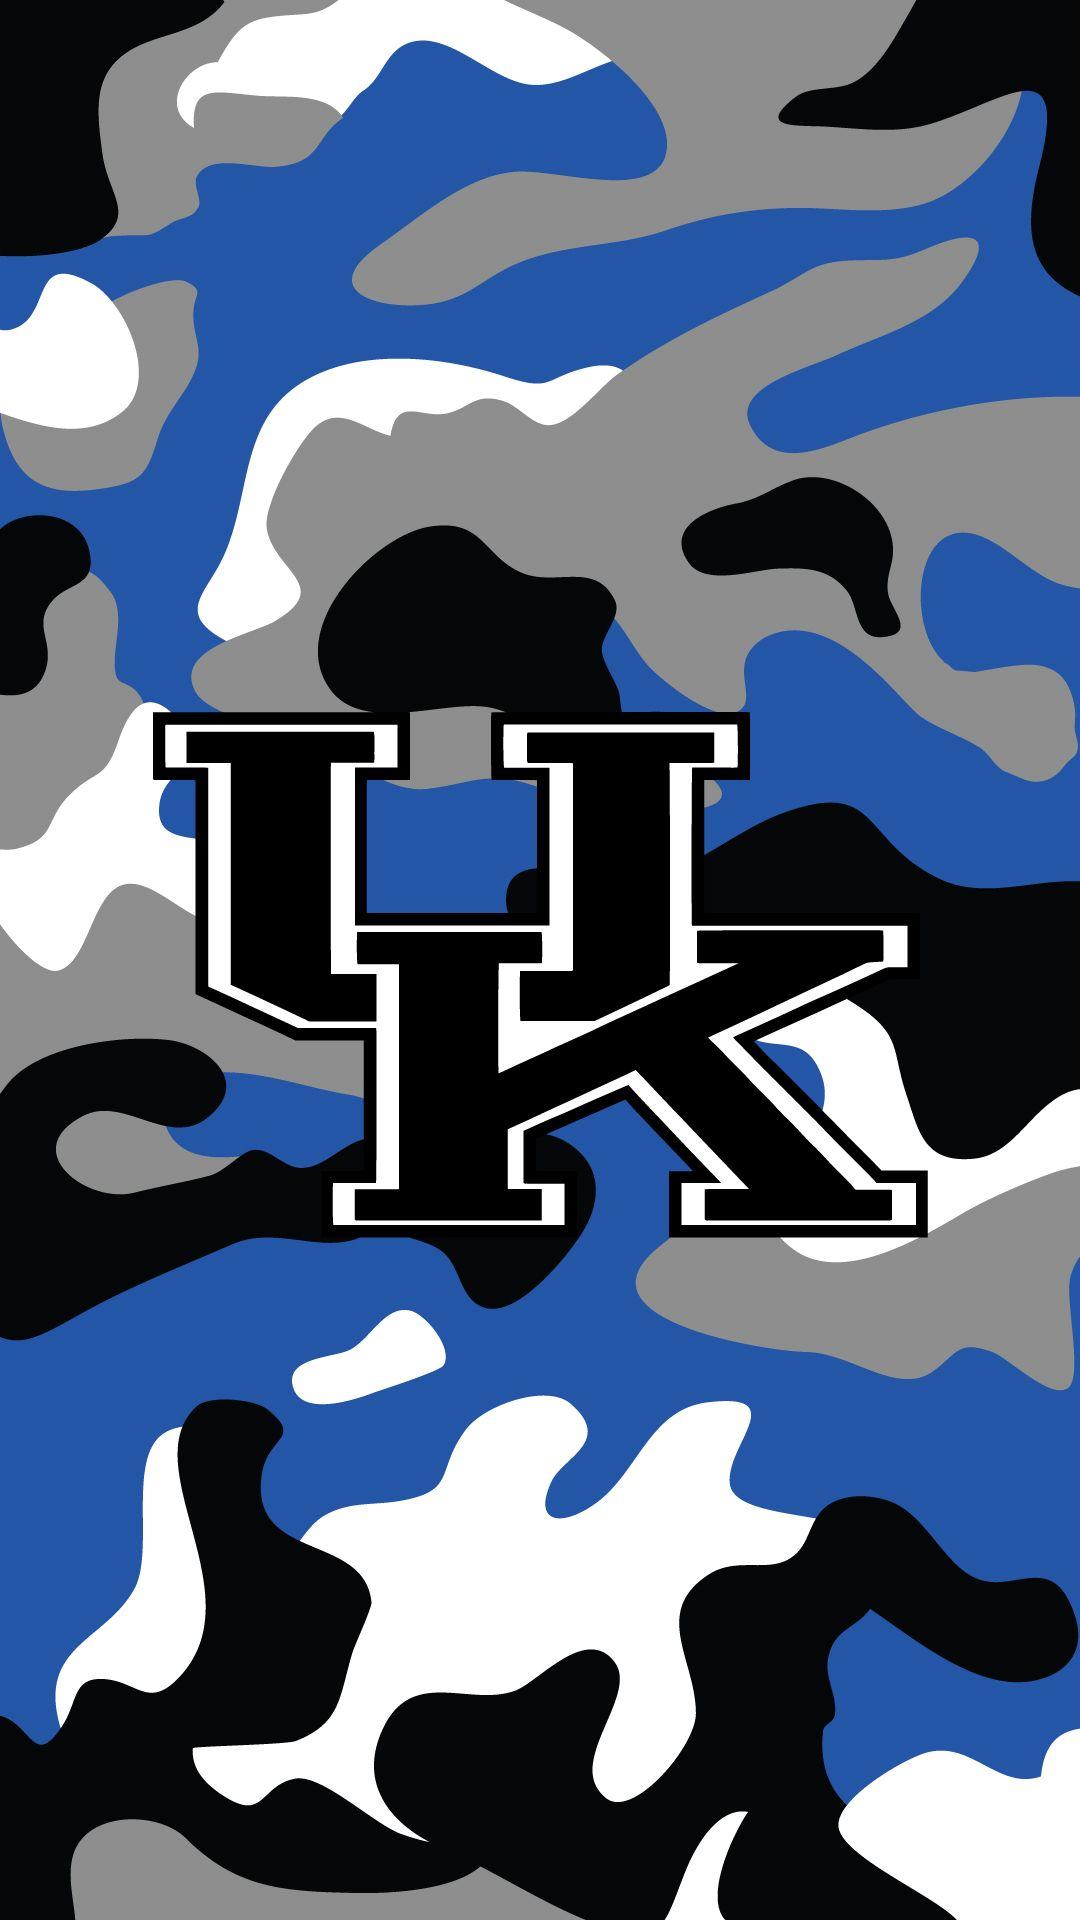 Wildcat10 6 6Plusjpg 10801920 Kentucky wildcats logo 1080x1920